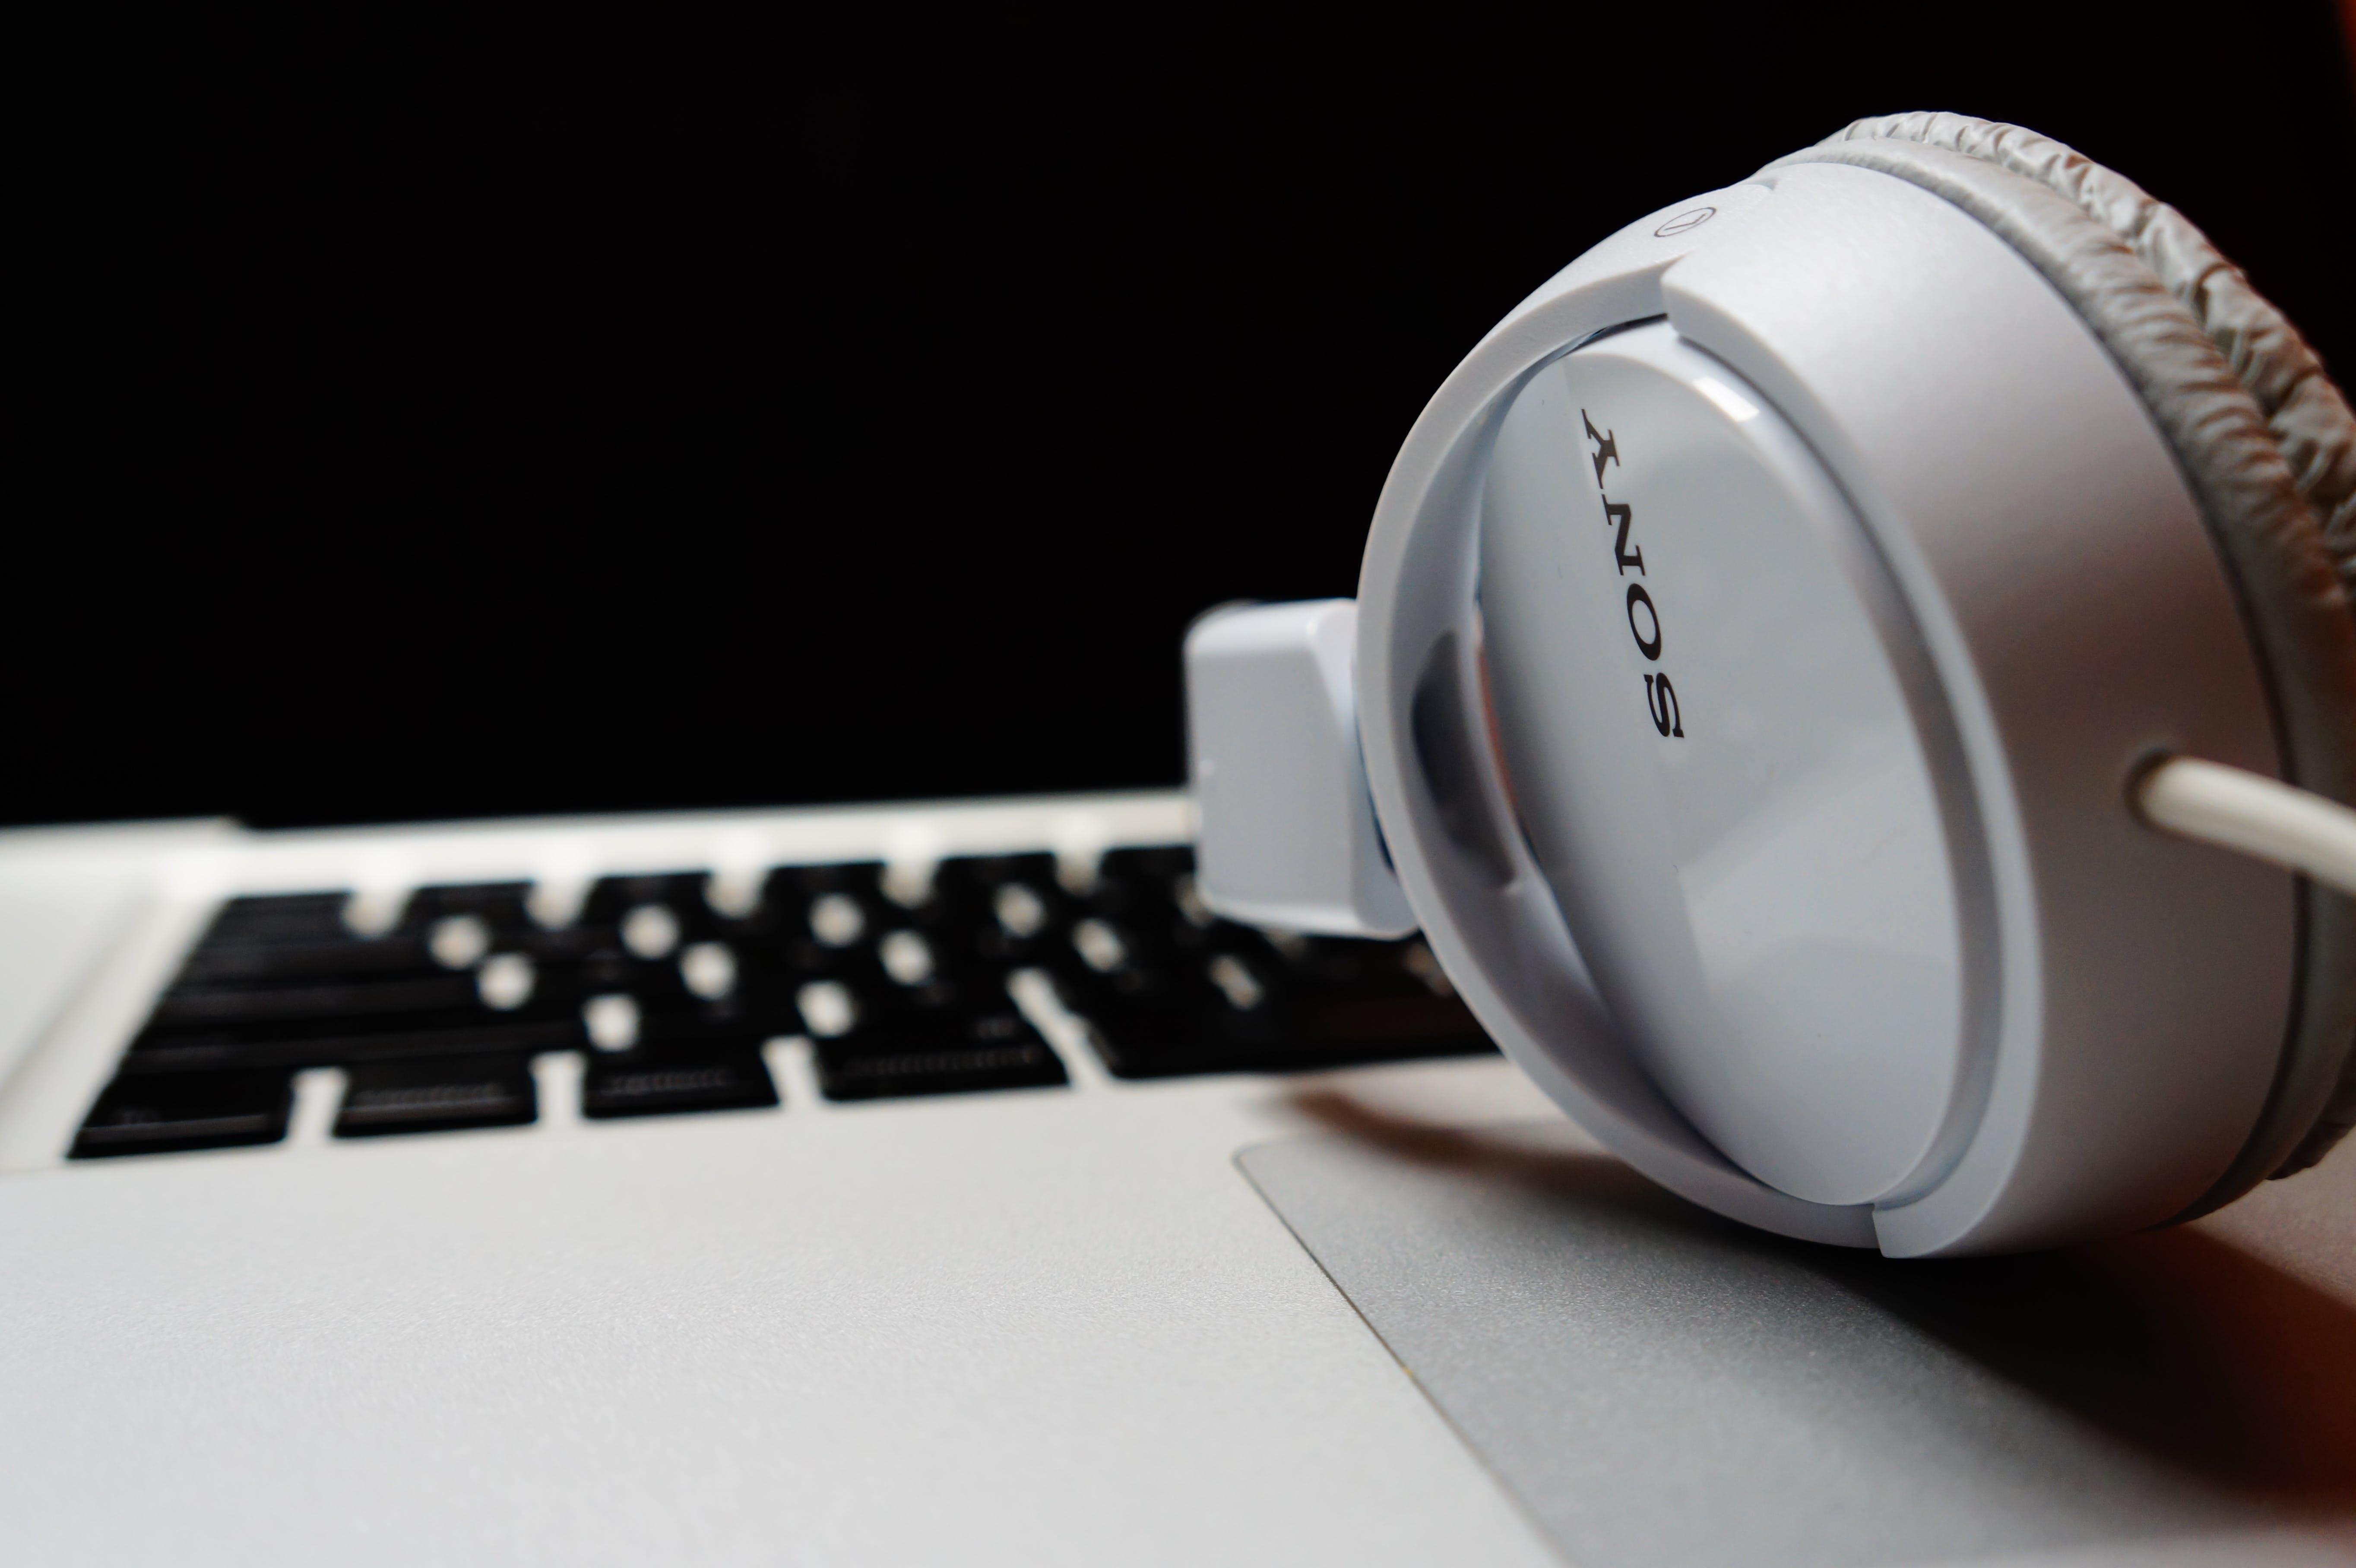 White Sony Over-ear Headphones